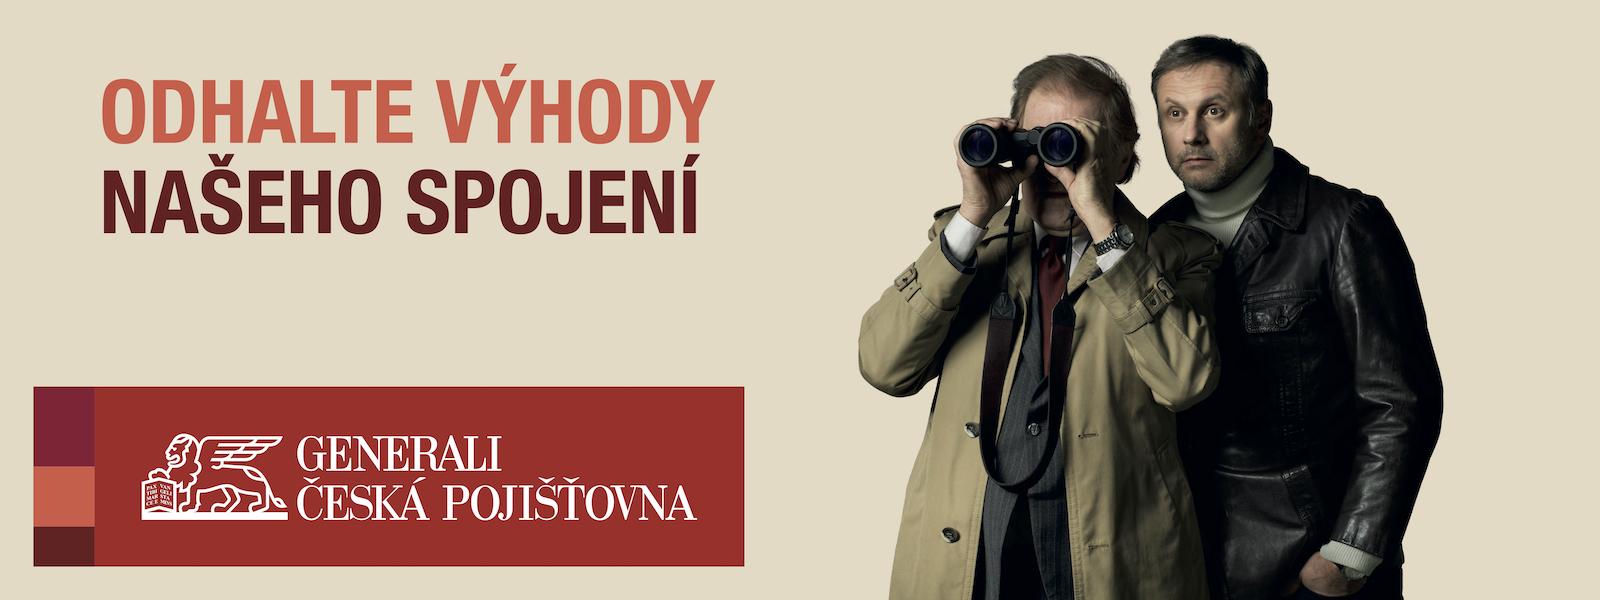 Jan Vlasák a Igor Chmela v kampani Generali Česká pojišťovna